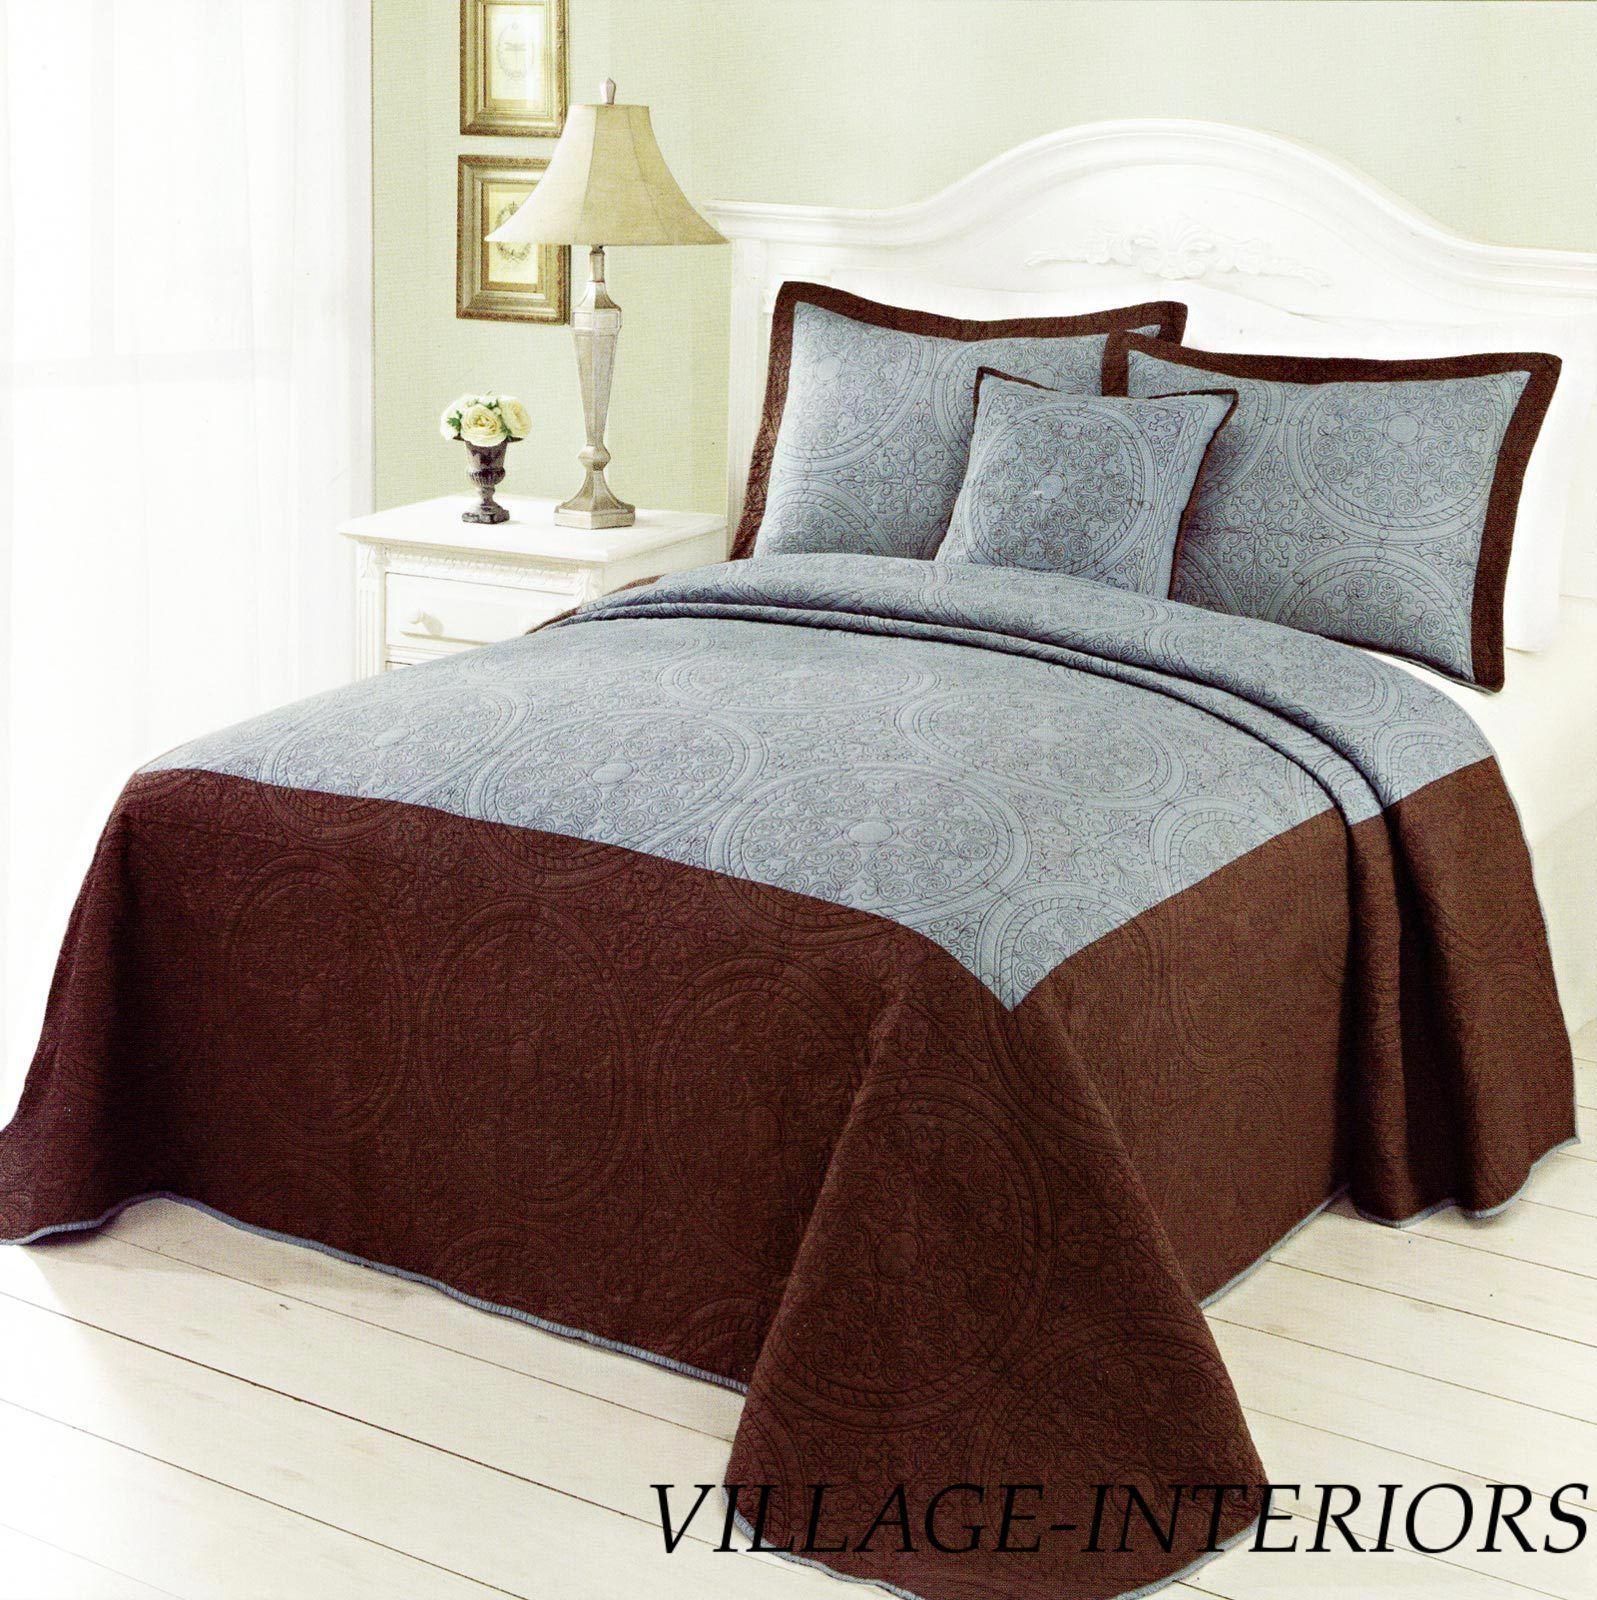 Medallion Blue Brown Cal King Quilt Huge Bedspread Shams Set 100 Cotton Bed Spreads Blue Brown Furniture